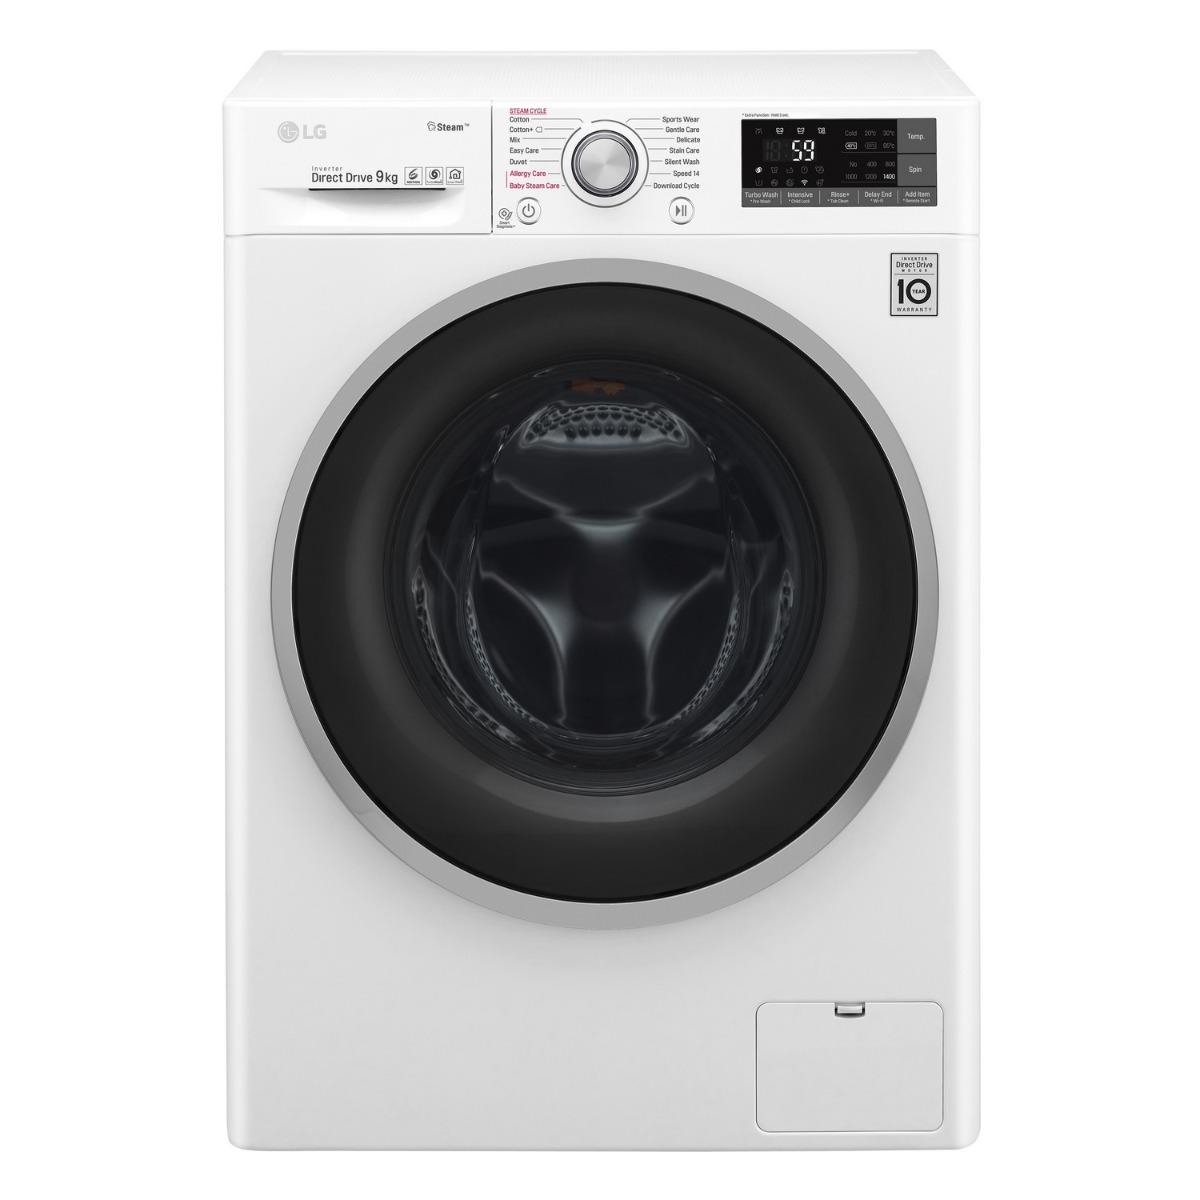 เครื่องซักผ้าฝาหน้า (9 kg) รุ่น TWC1409S3W.ABWPGST